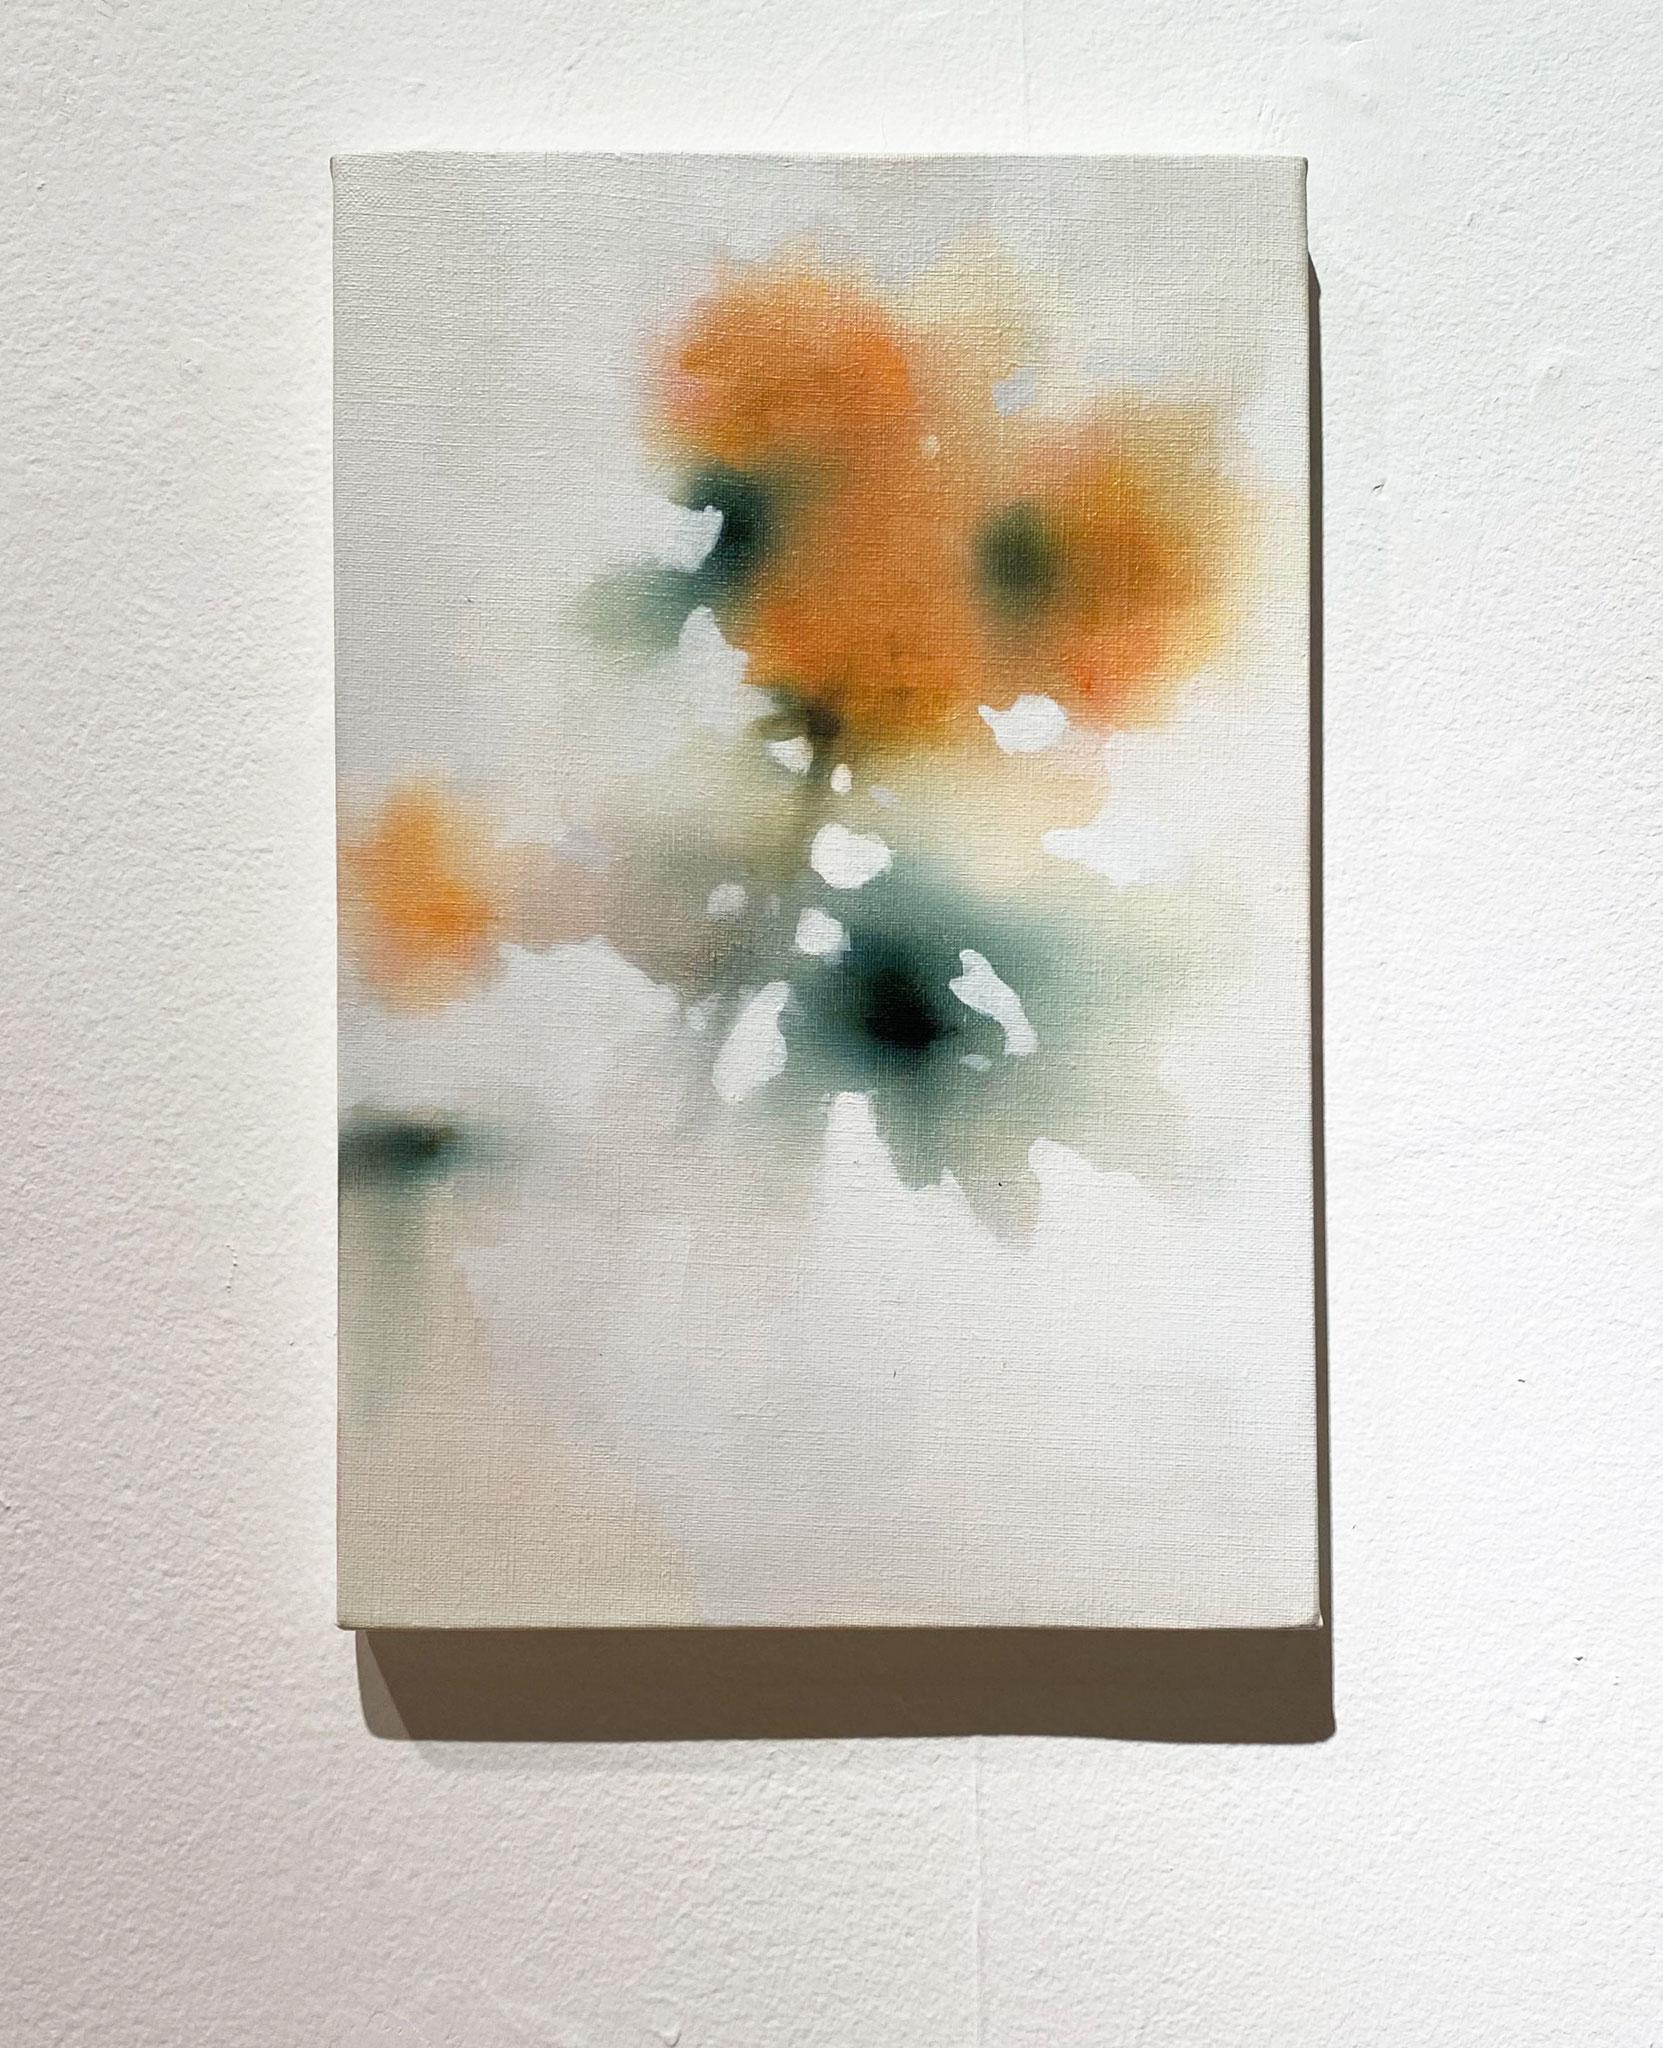 あさかげあびる,333×455,キャンバス、油彩,2020